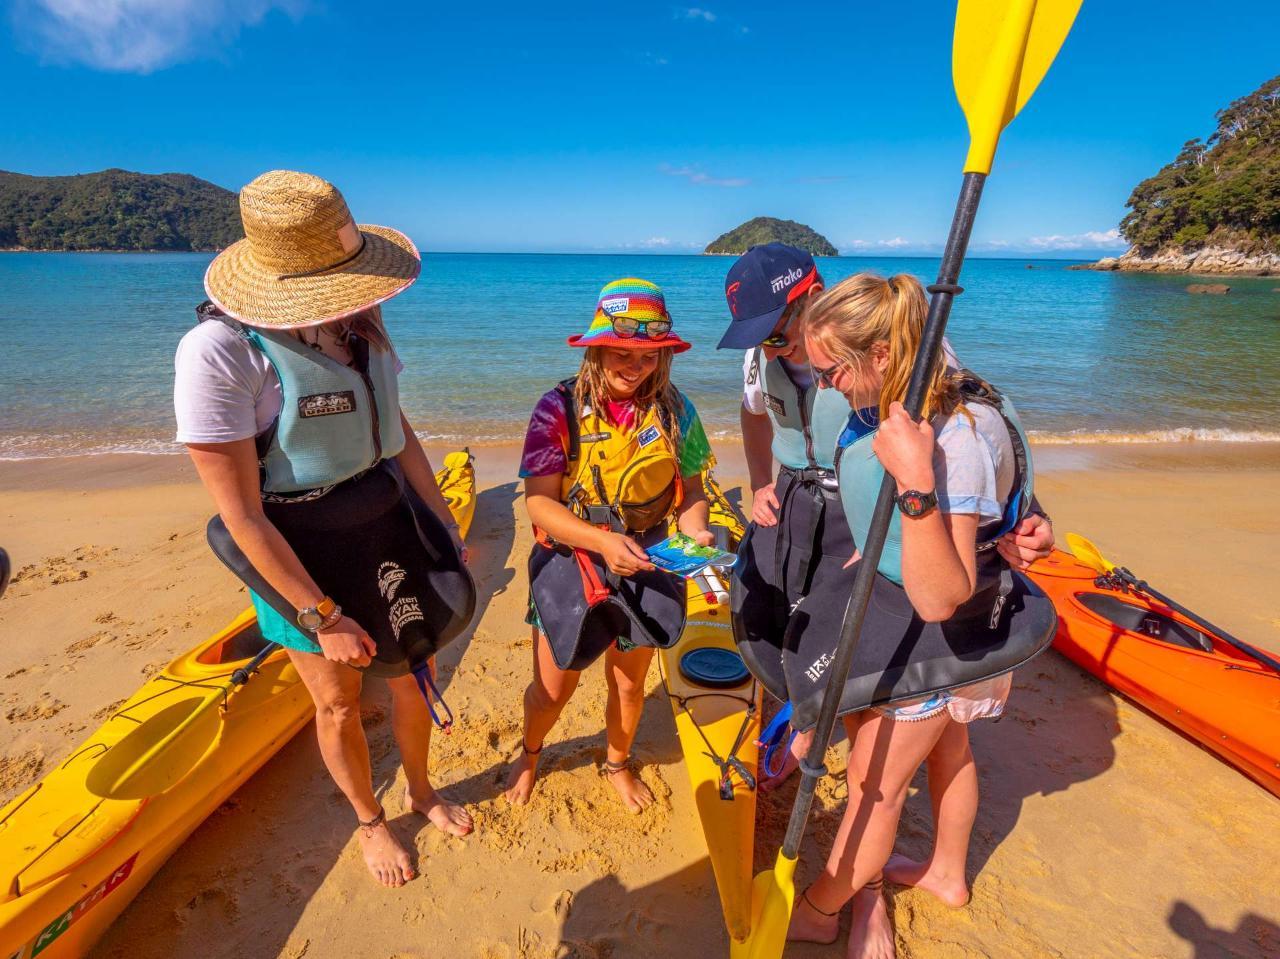 Heart of the Park Explorer - Full Day Guided Kayak